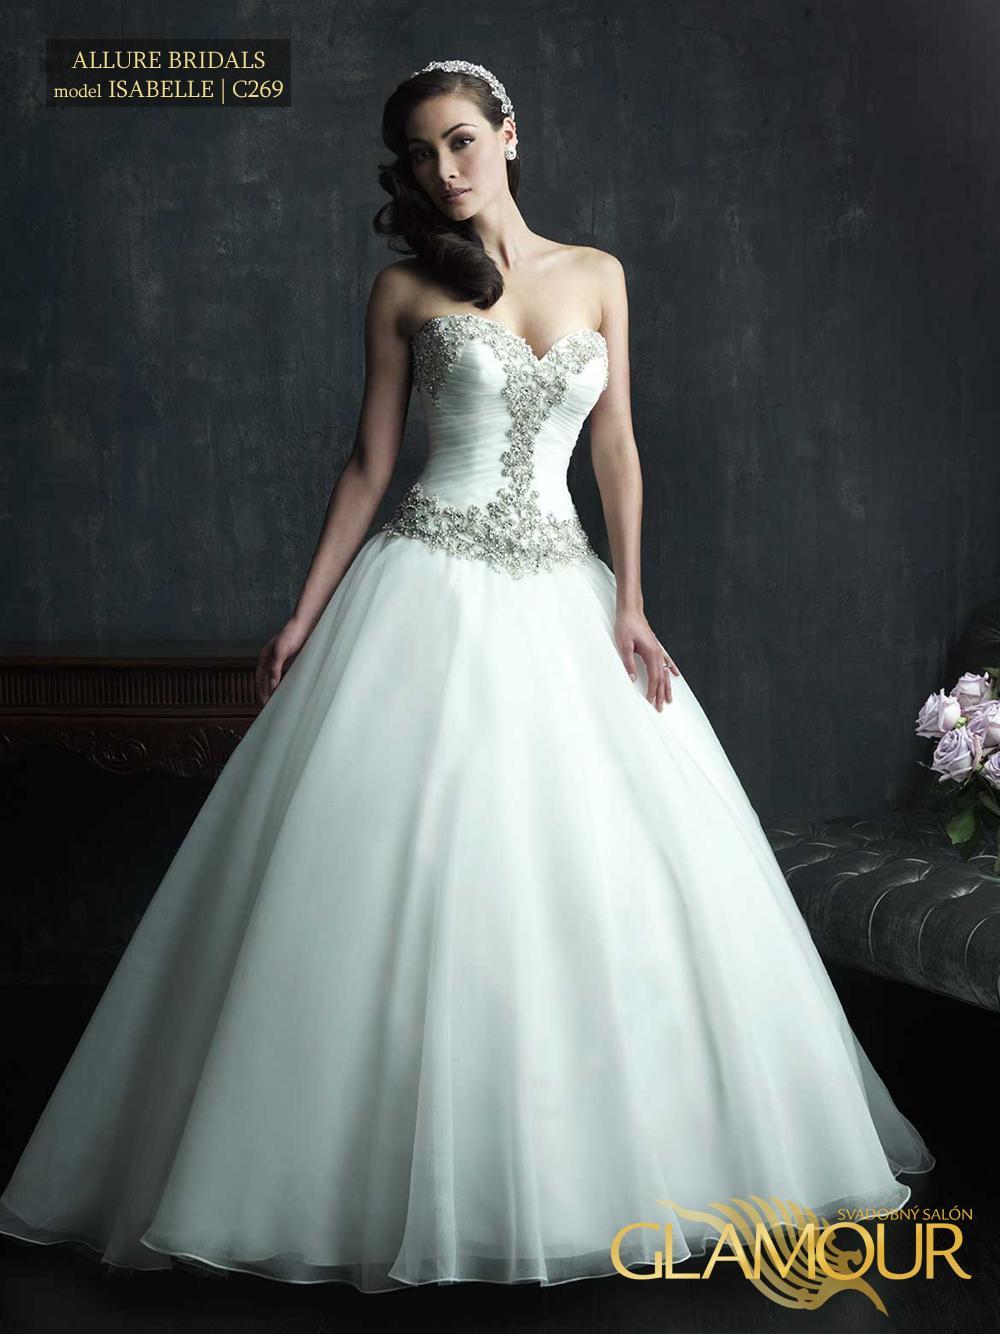 Nova kolekcia Allure Bridals 2014 - Allure Bridals model Isabelle